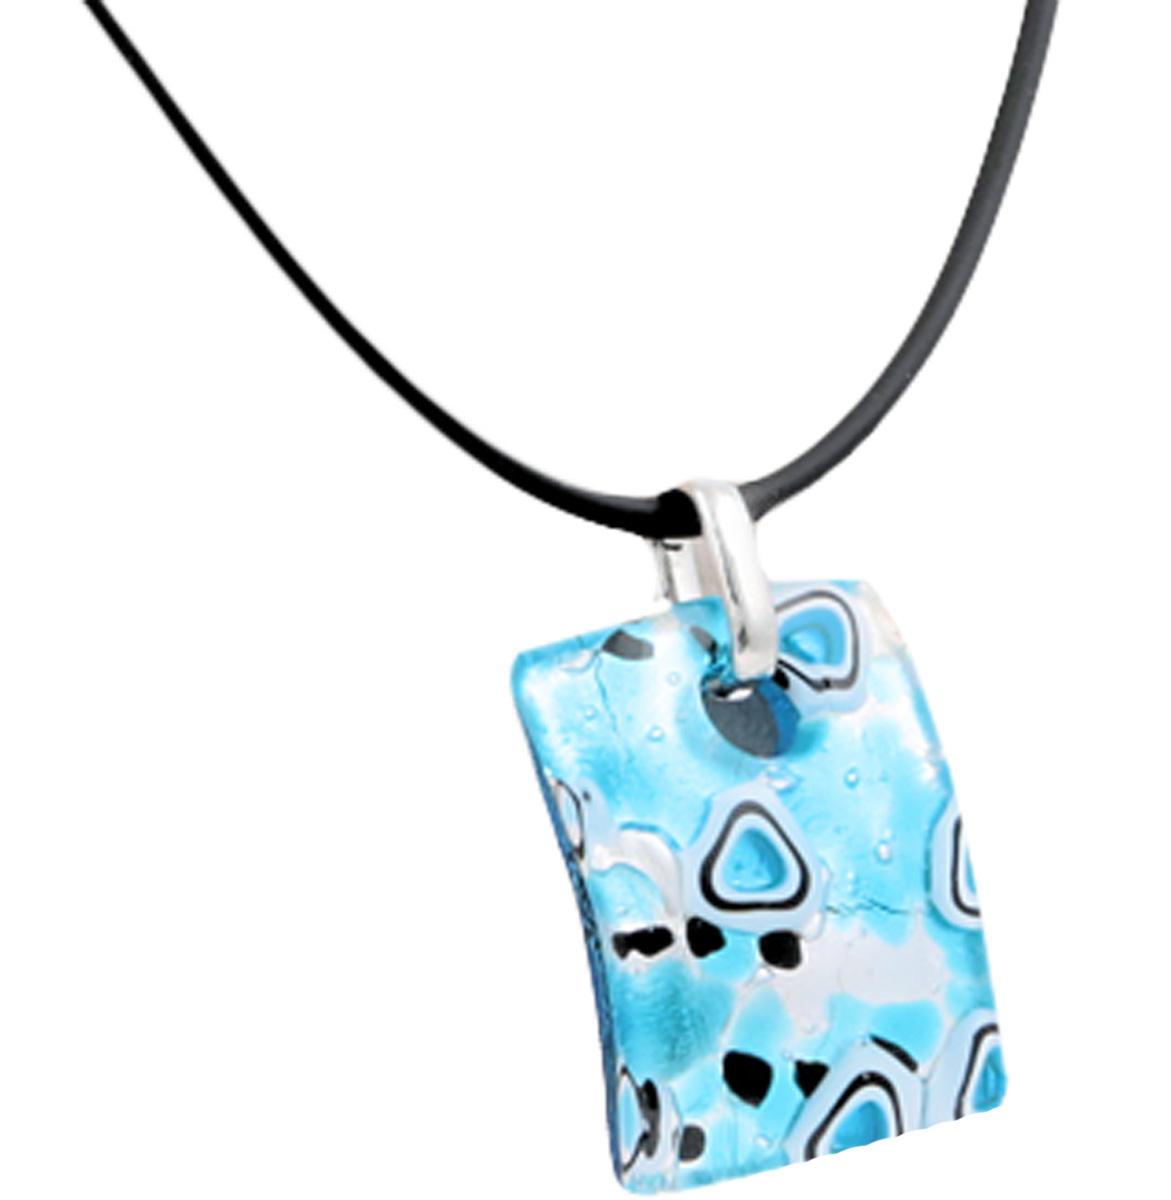 Кулон на шнурке Морской бриз. Муранское стекло, шнурок из каучука, ручная работа. Murano, Италия (Венеция)Ожерелье (короткие многоярусные бусы)Кулон на шнурке Морской бриз.Муранское стекло, шнурок из каучука, ручная работа.Murano, Италия (Венеция).Размер:Кулон - 4 х 3 см.Шнурок - полная длина 45 см.Каждое изделие из муранского стекла уникально и может незначительно отличаться от того, что вы видите на фотографии.